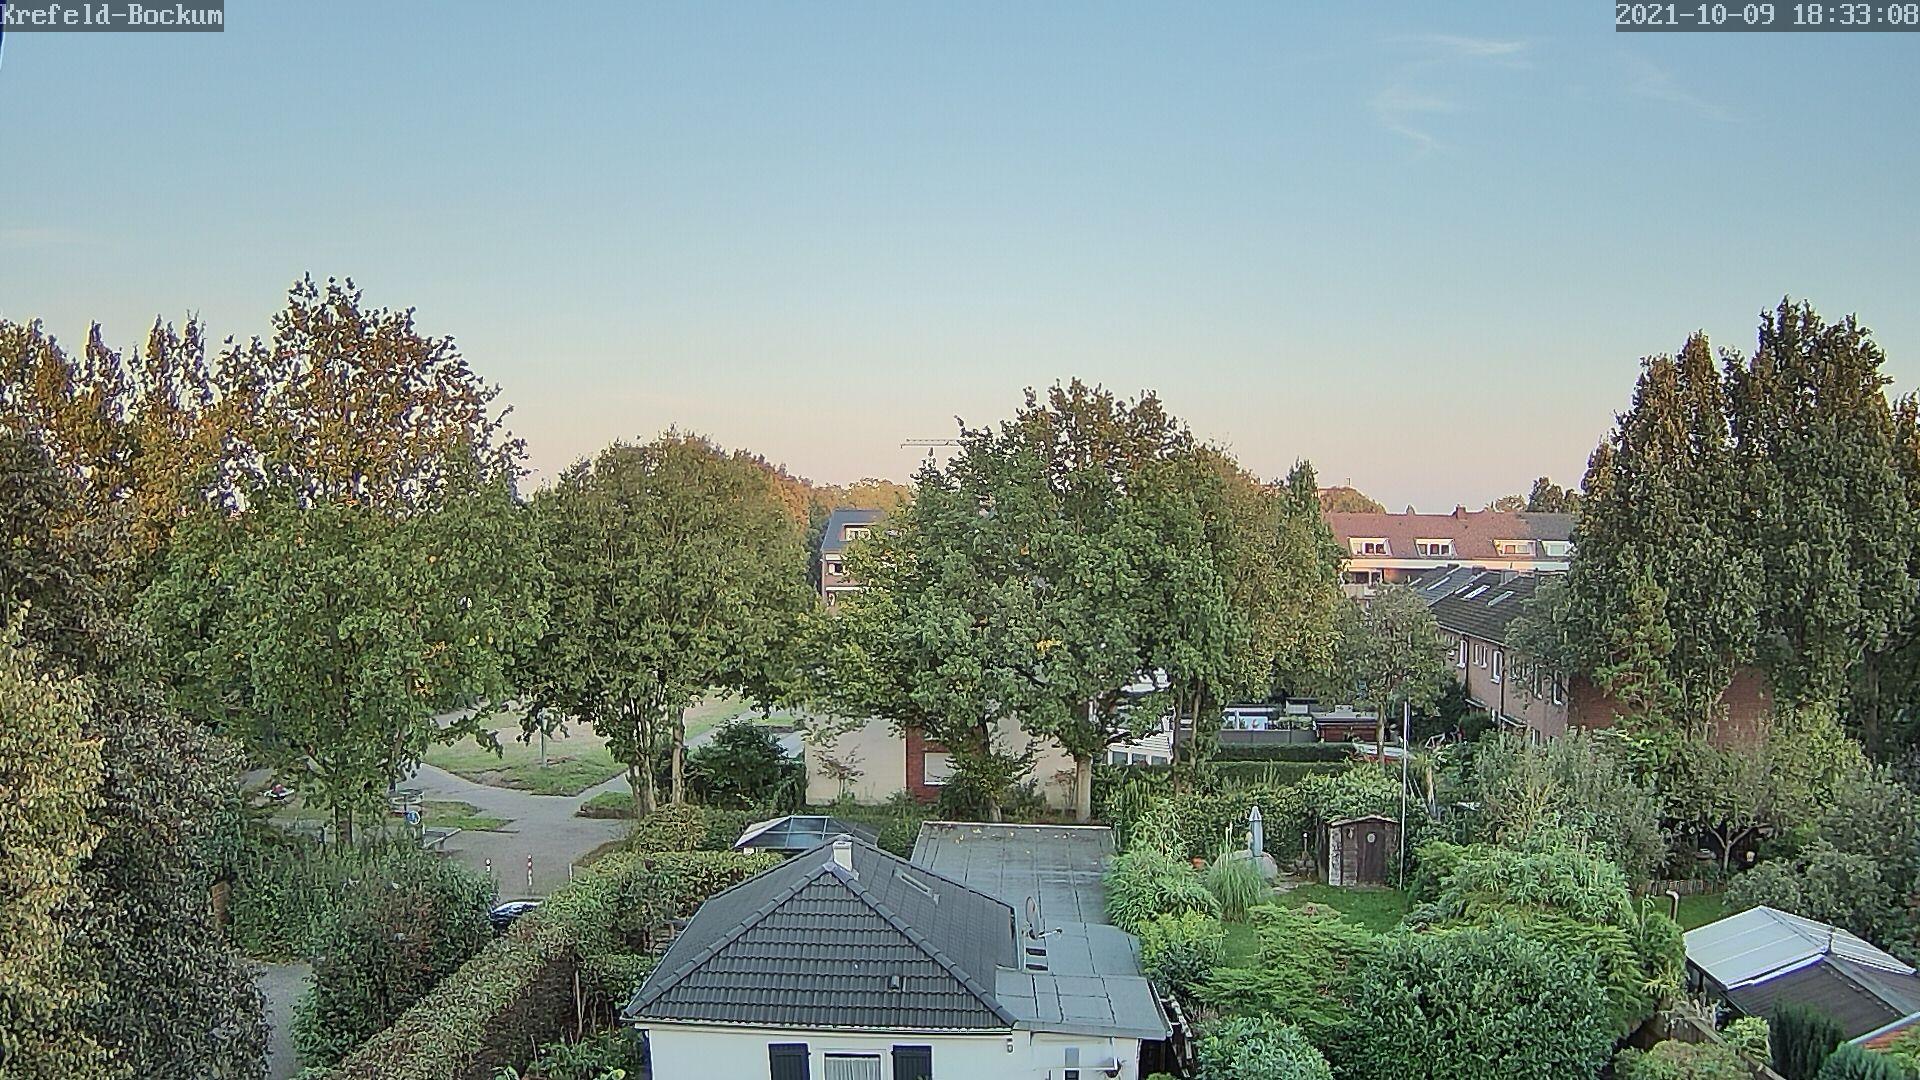 Krefeld - Bockum, aktuelles Bild alle 10 Minuten